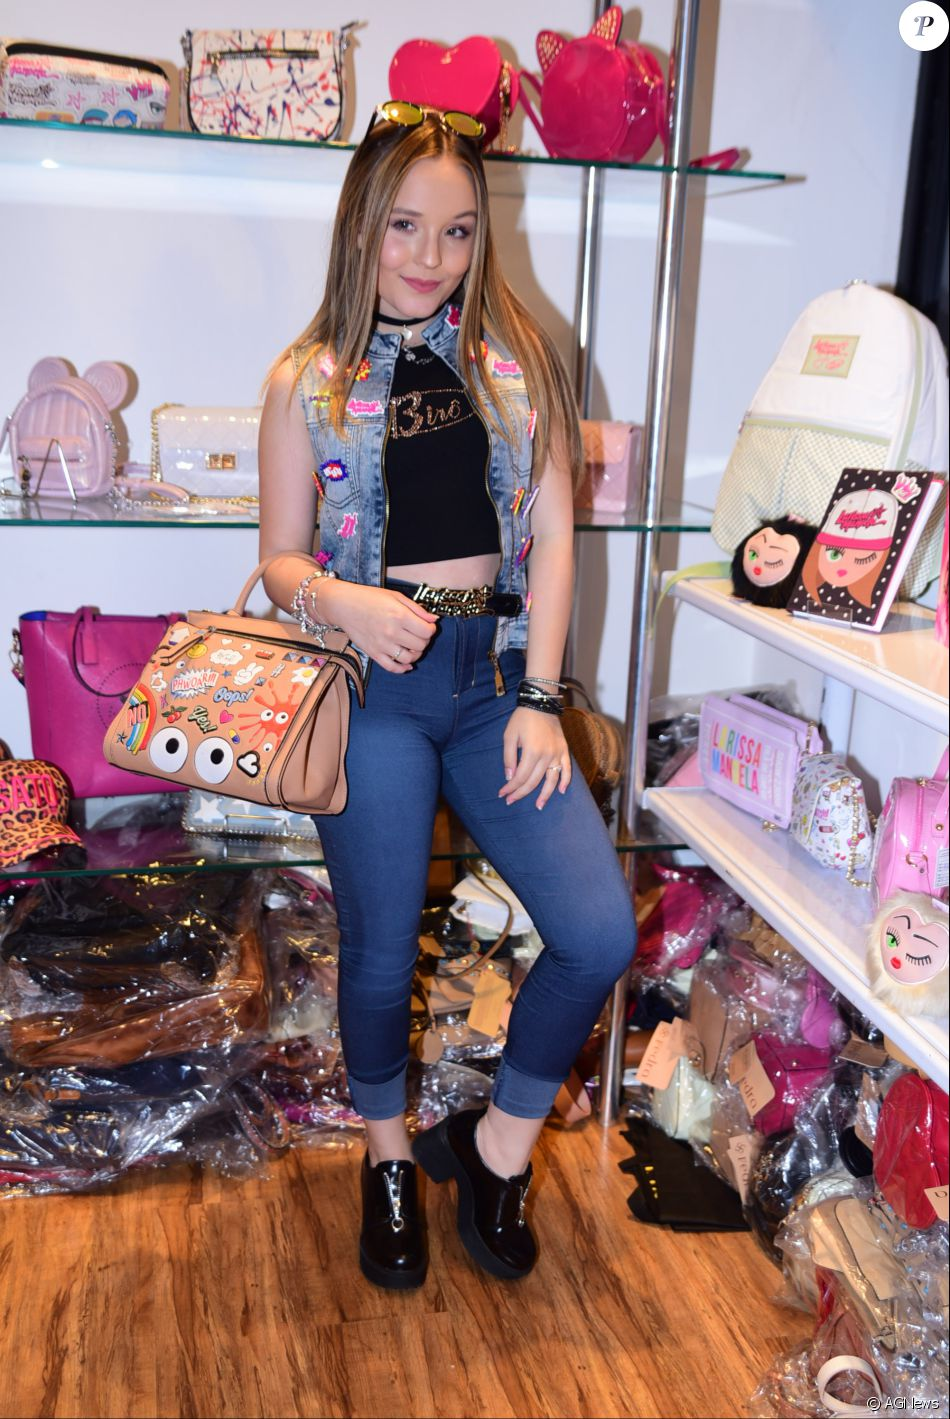 e27471d6e6685 Larissa Manoela lançou sua nova coleção de acessórios no Mega Polo Moda, no  bairro do Brás, em São Paulo, nesta terça-feira, 20 de setembro de 2016